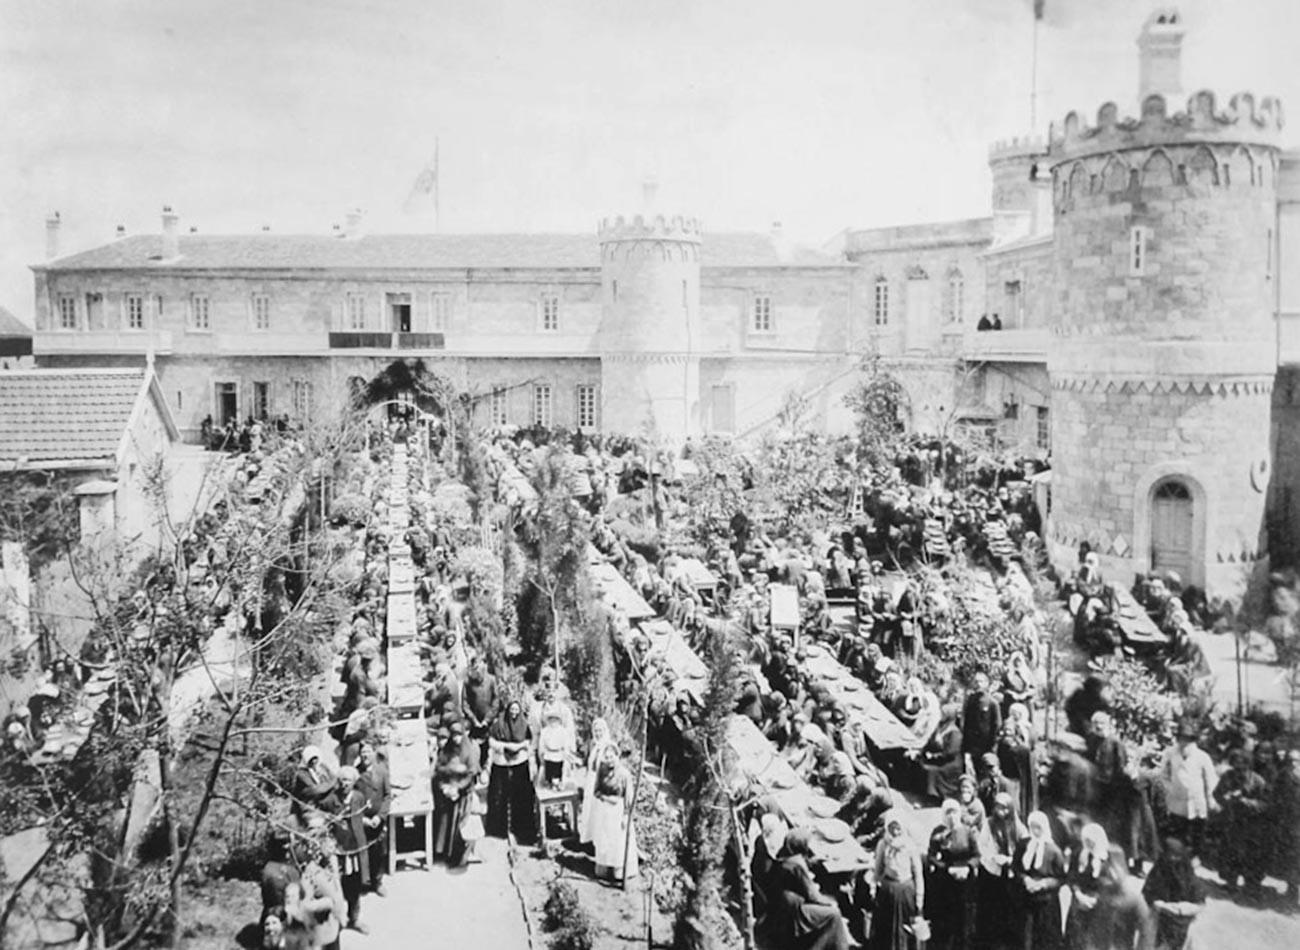 Rupture du jeûne de la Pâque dans la cour Saint-Serge de la Société impériale orthodoxe de Palestine à Jérusalem. Fin du XIXe siècle